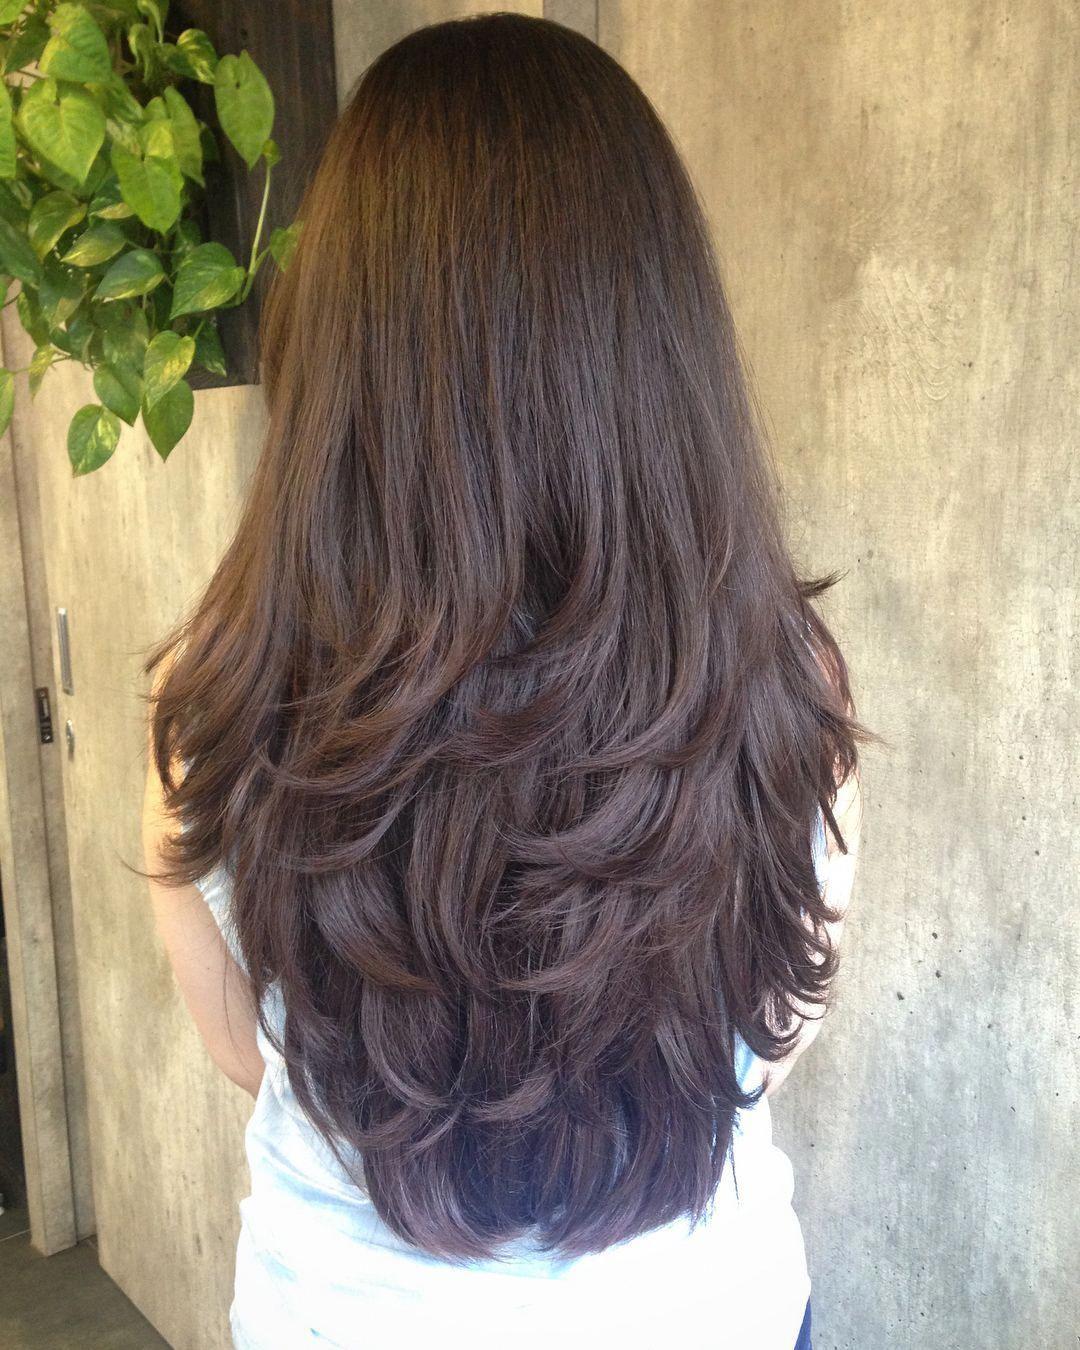 Long Hair Maketh Long Layers Haircutsforwomen Haircut Hair Longhair Layersandlayers Lay Long Hair Styles Haircuts For Wavy Hair Long Layered Hair Wavy